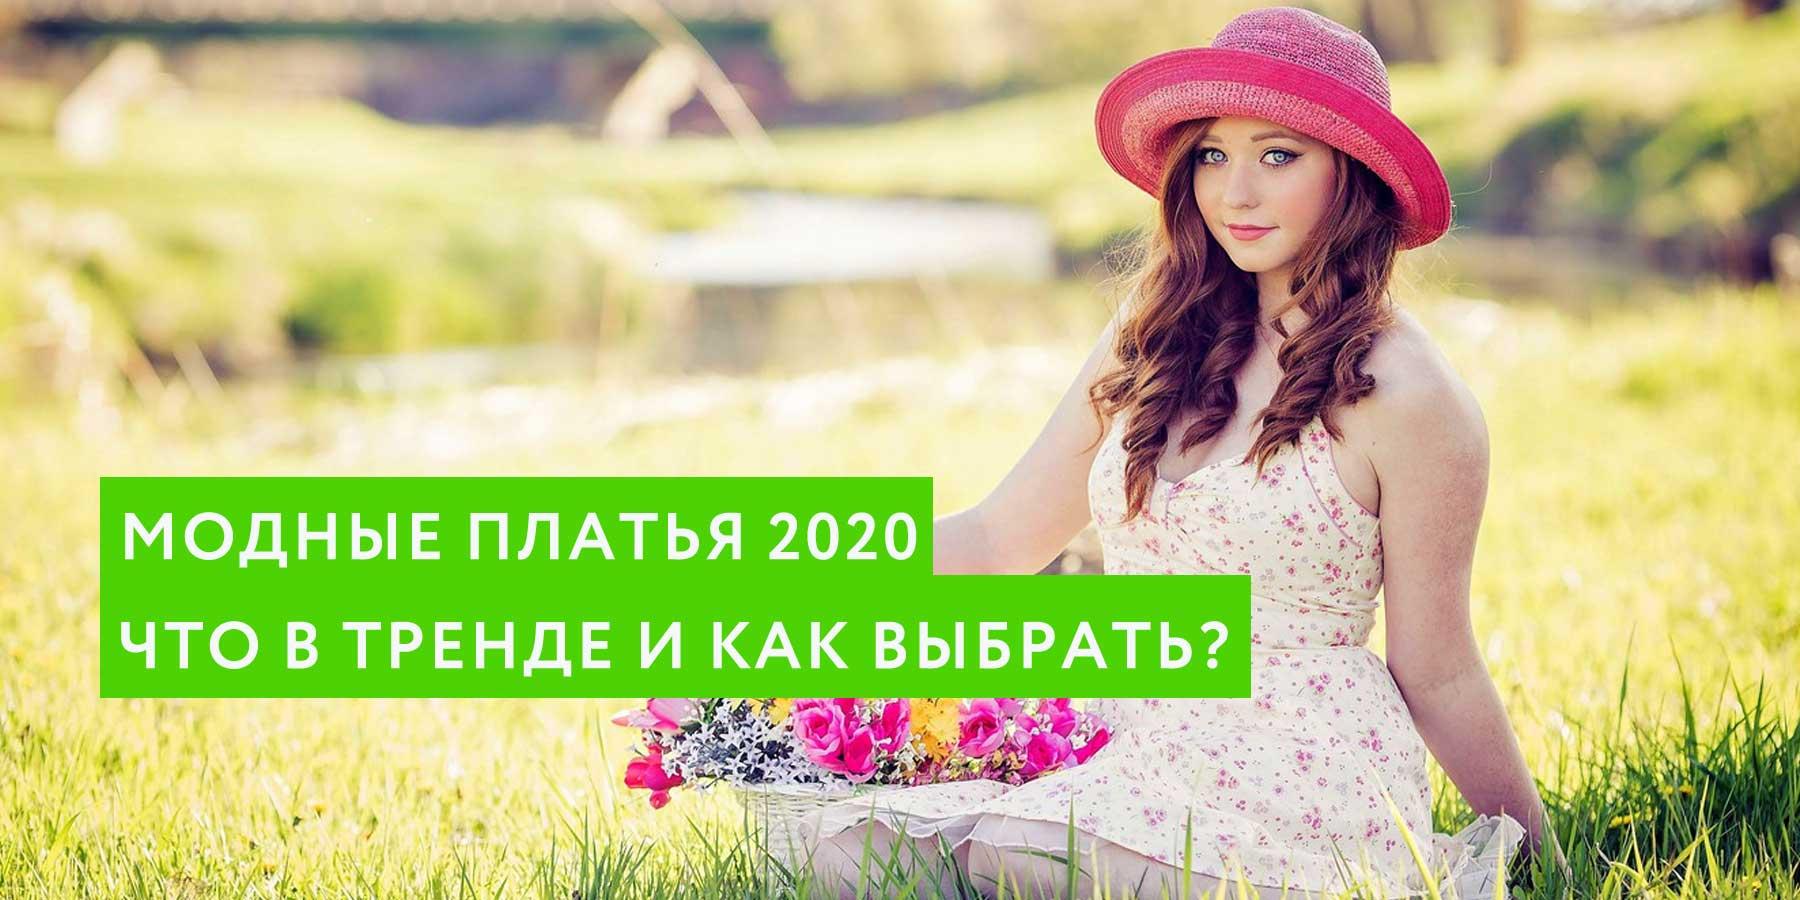 Модные платья 2020: что в тренде и как выбрать